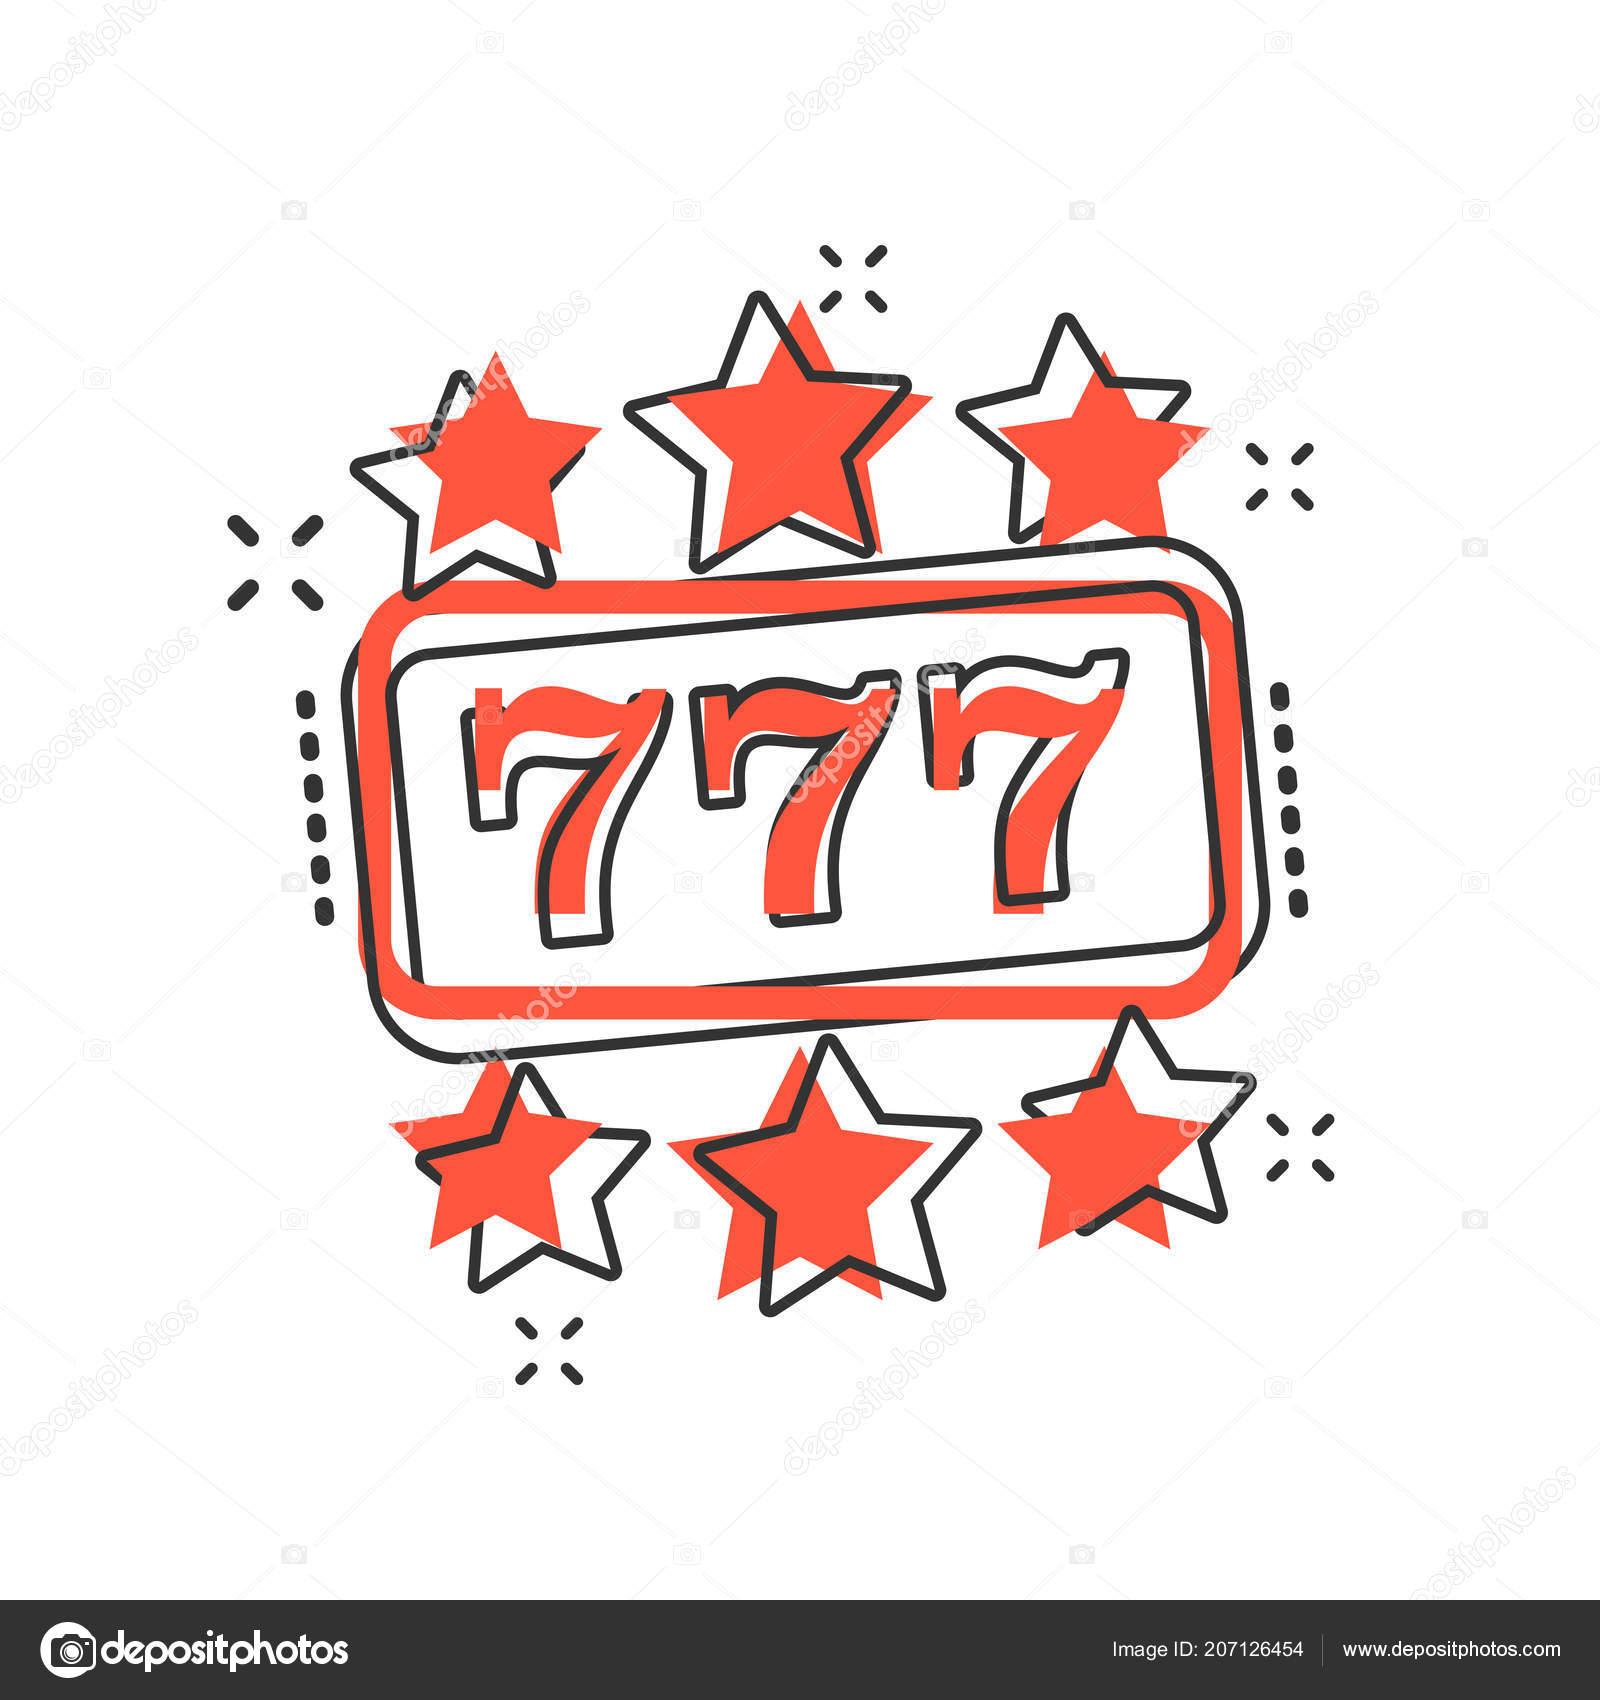 777 казино слот нижегородский сайт по прошивке спутникового приемника голден интерстар